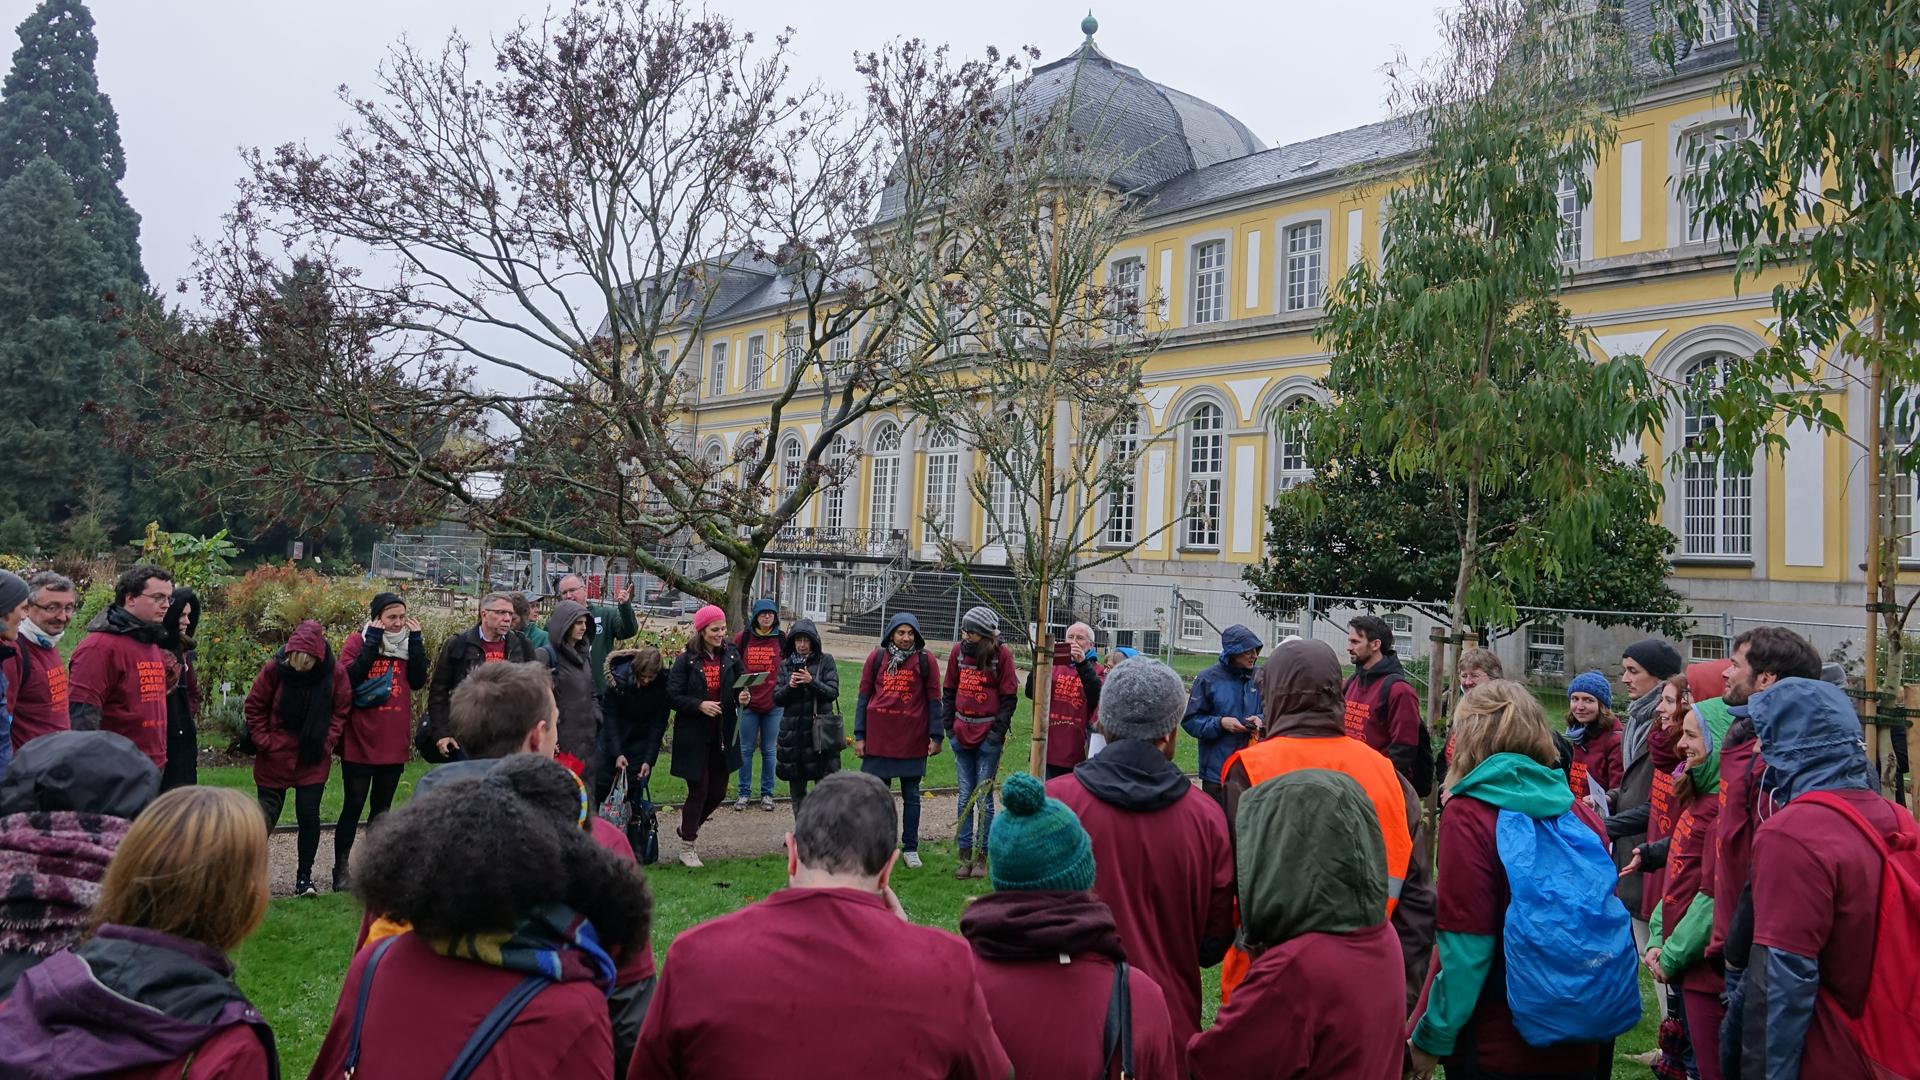 Im Botanischen Garten in Bonn hat sich ein Gebetskreis um die gestiftete australische Acacia pravissima gebildet